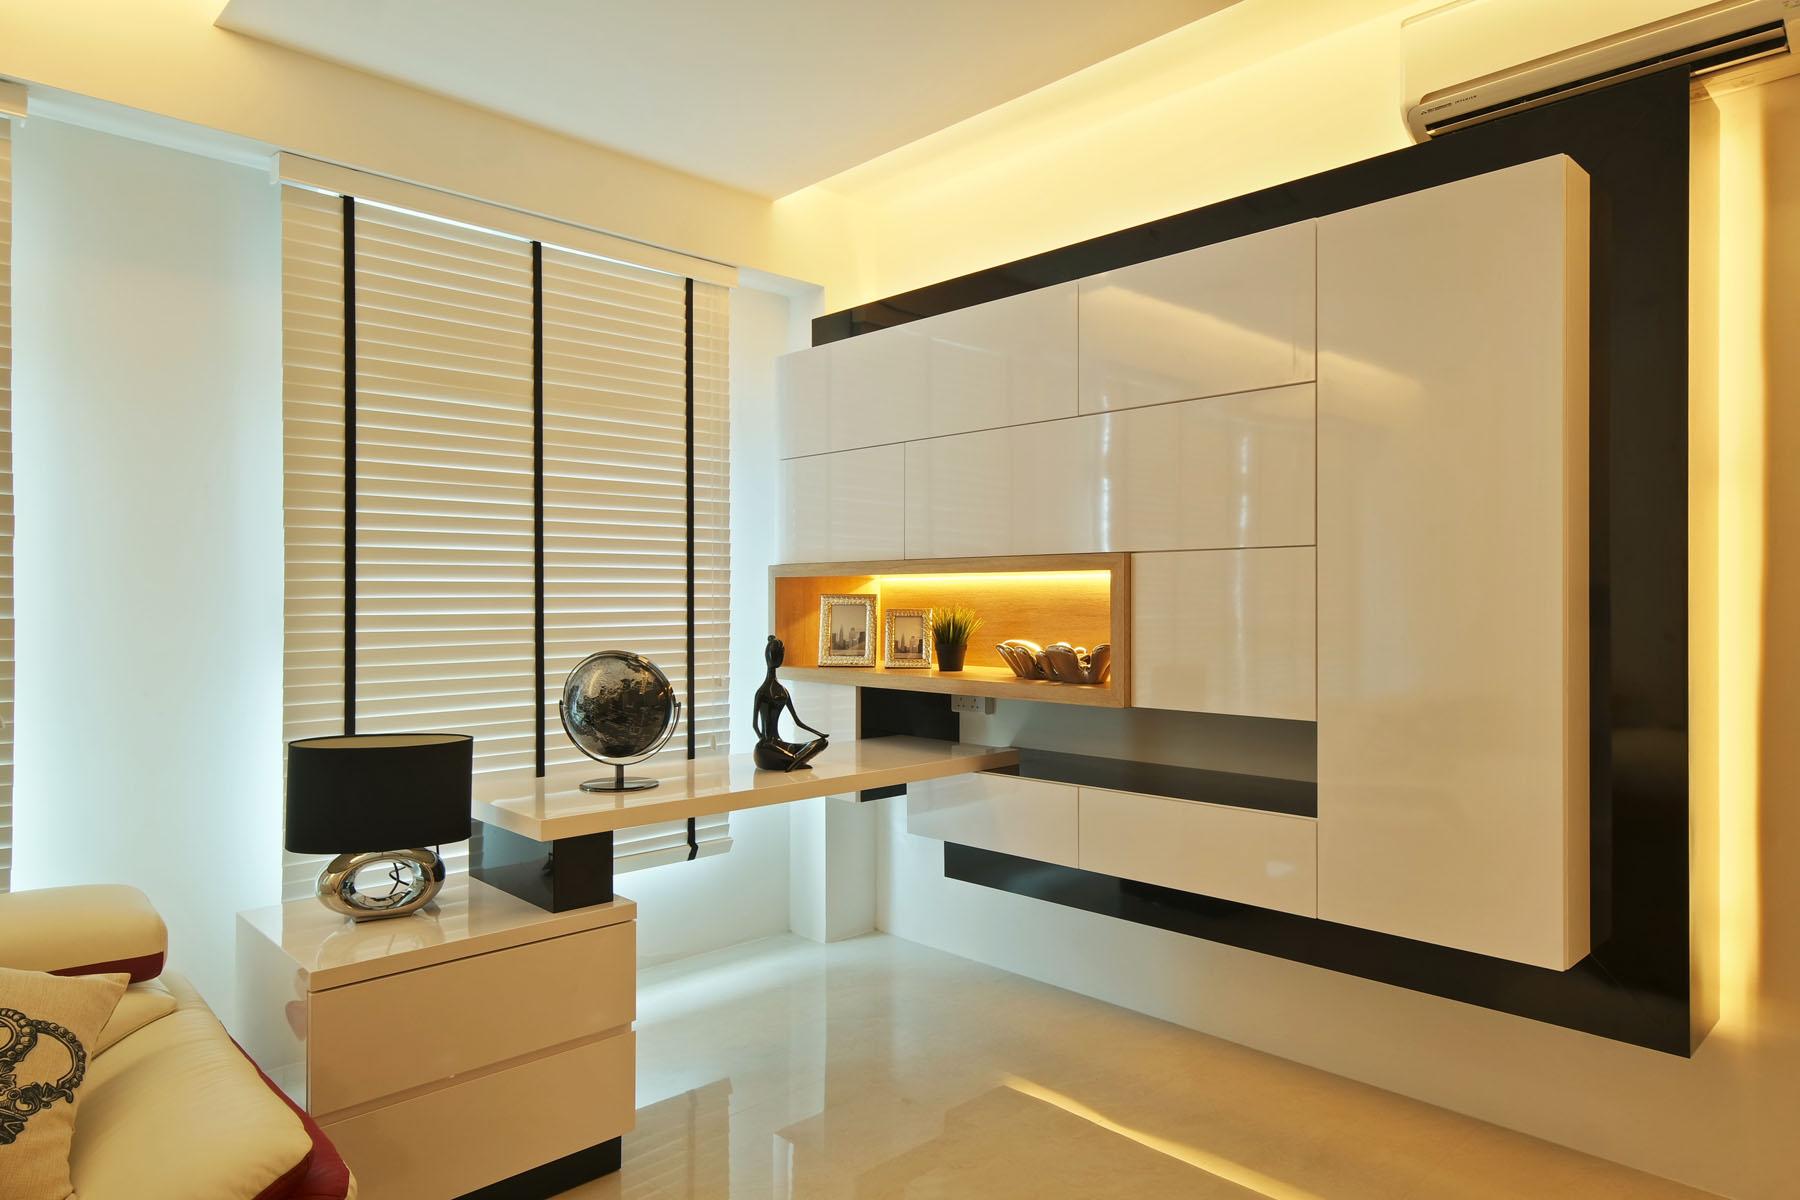 Best interior designers in Singapore